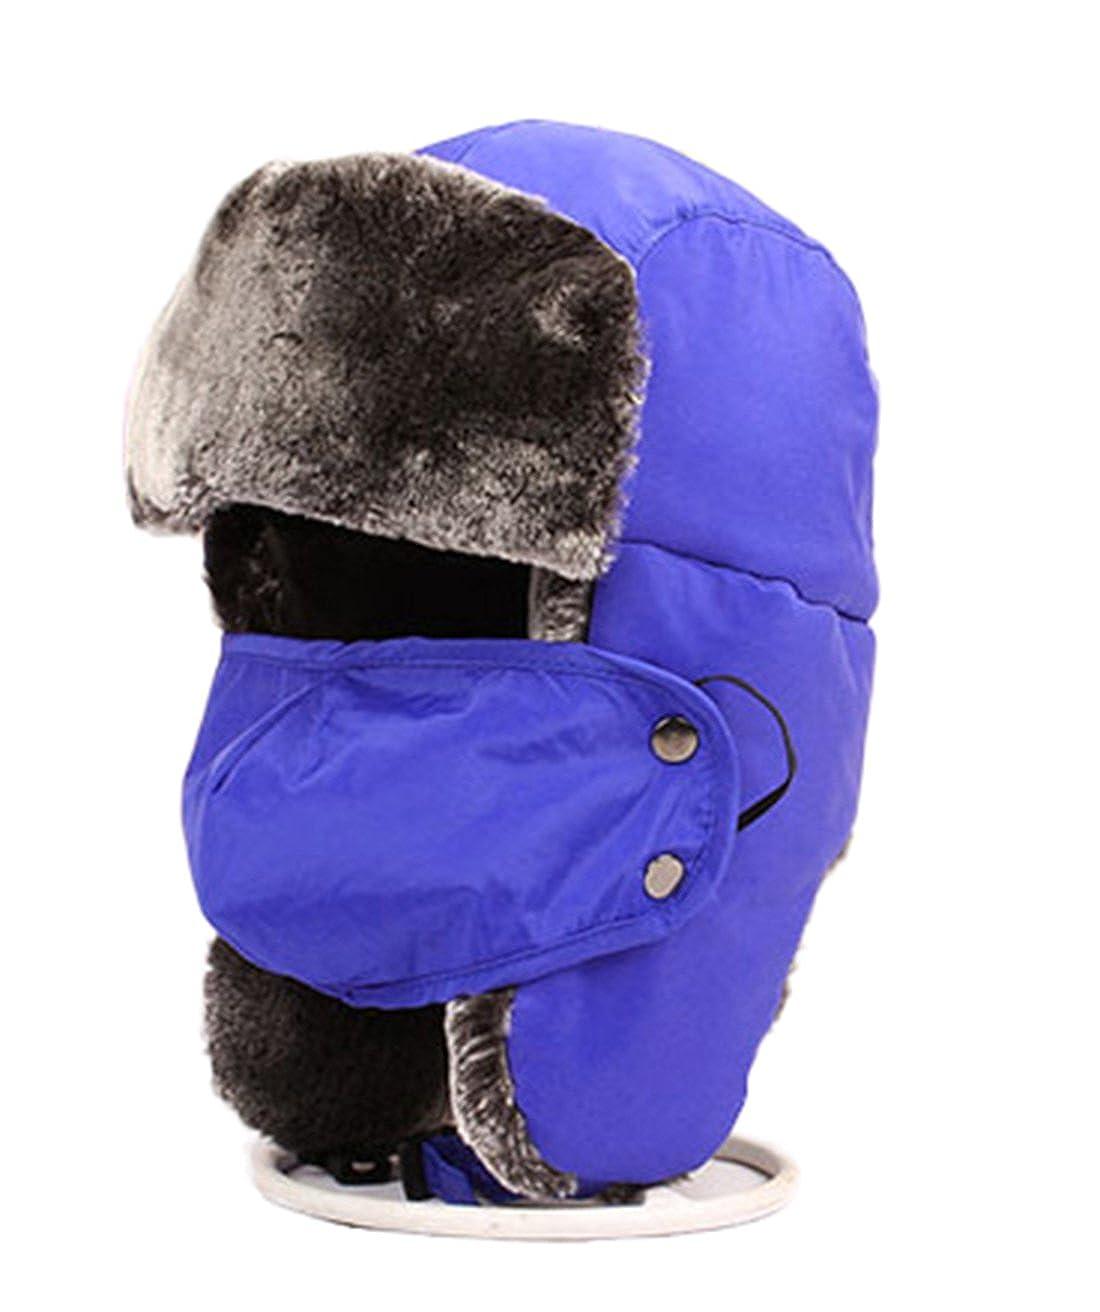 Kinder Mütze Winter Dicke Hüte Fliegermütze Trapper Trooper mit Ohrenklappen Maske Winddichte Warm Cap